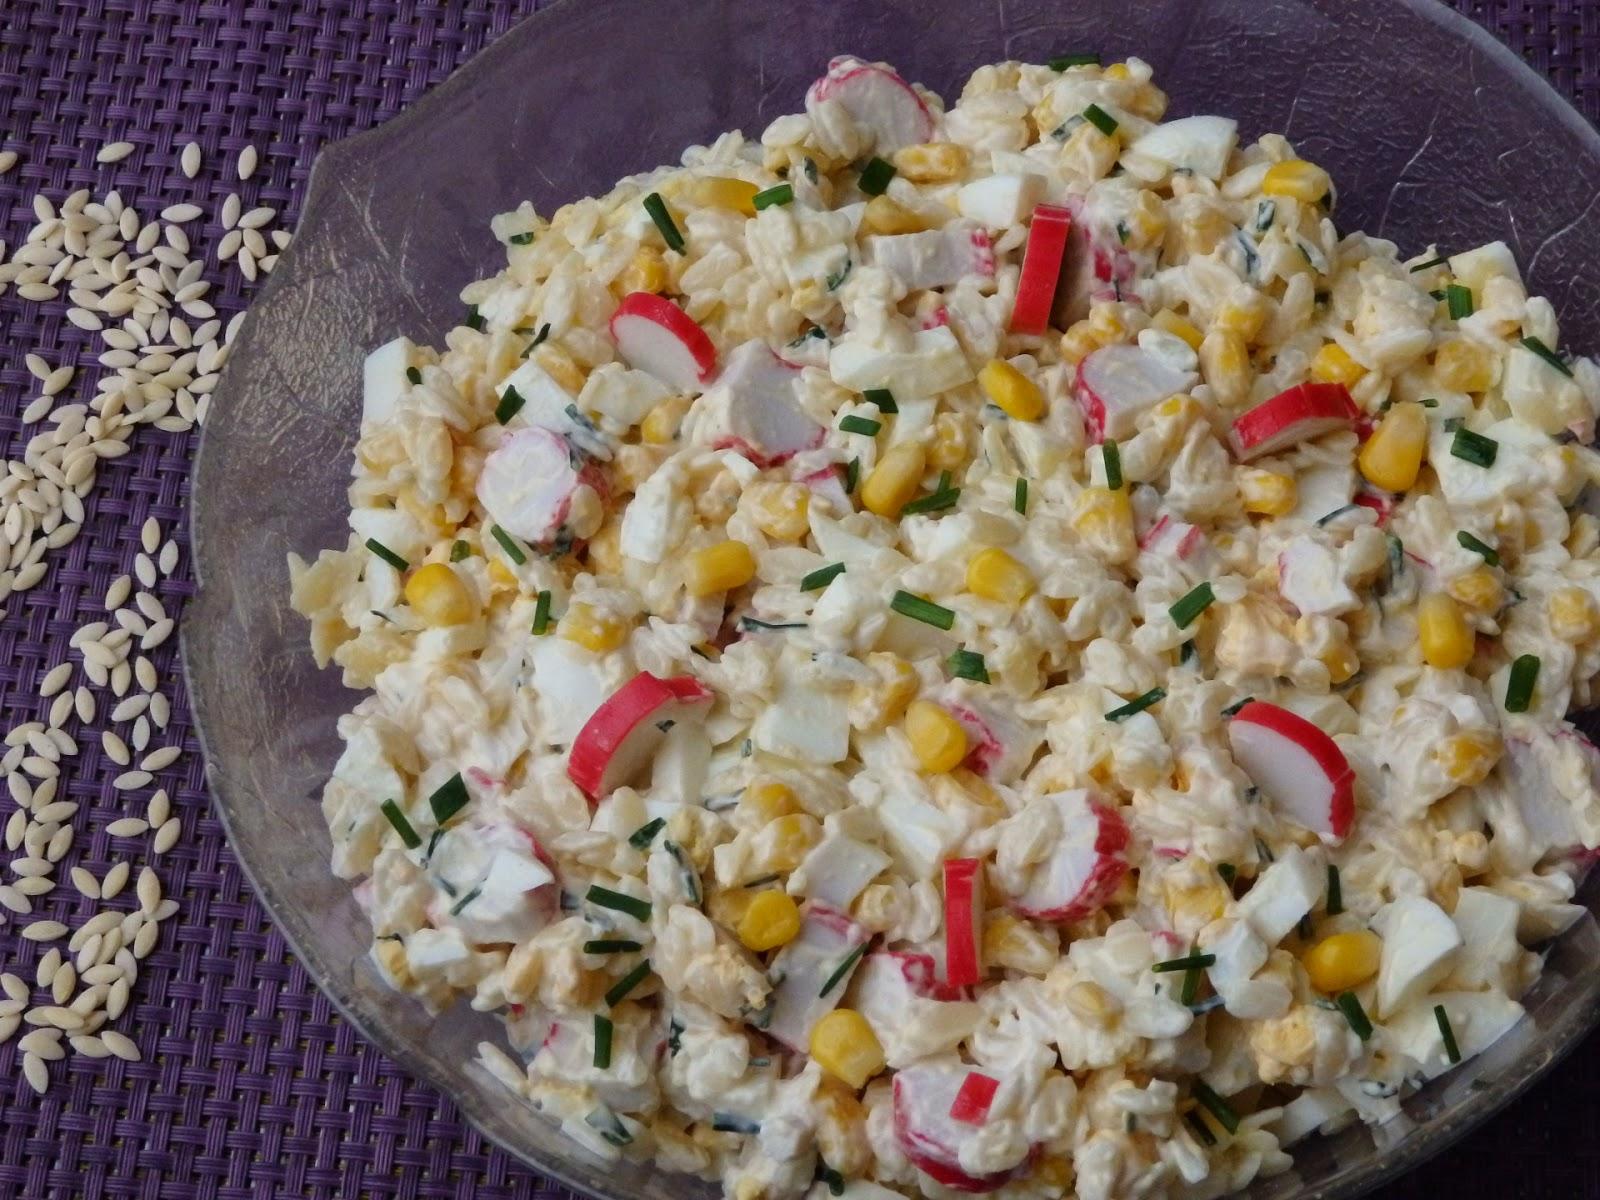 Monia Miesza I Gotuje Salatka Z Paluszkami Krabowymi I Makaronem W